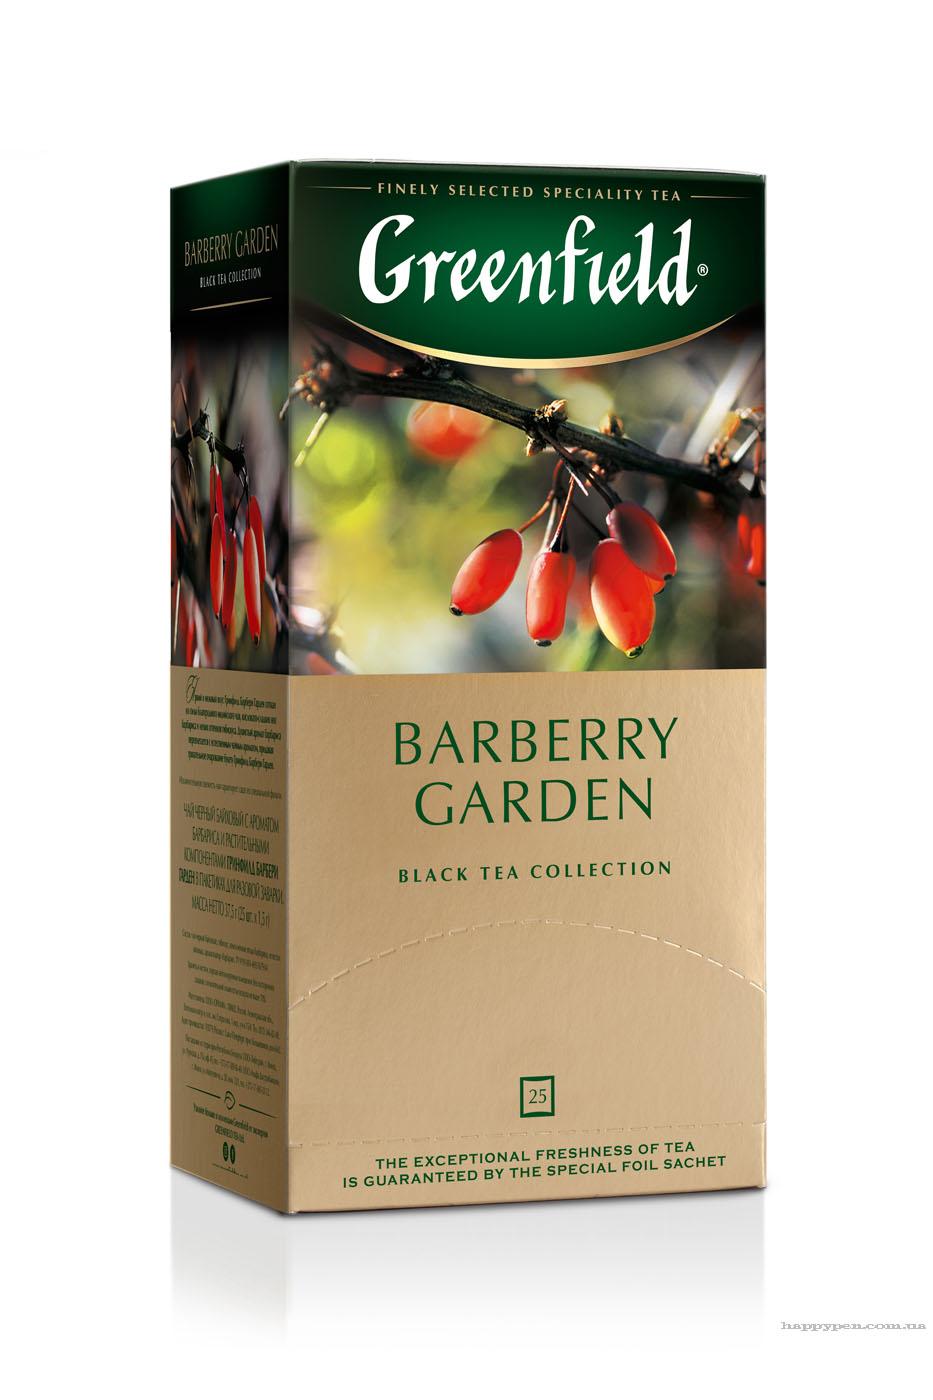 Чай черный ароматизированный Barberry Garden 25пак. по 1,5гр., термосаше Greenfield - фото 1